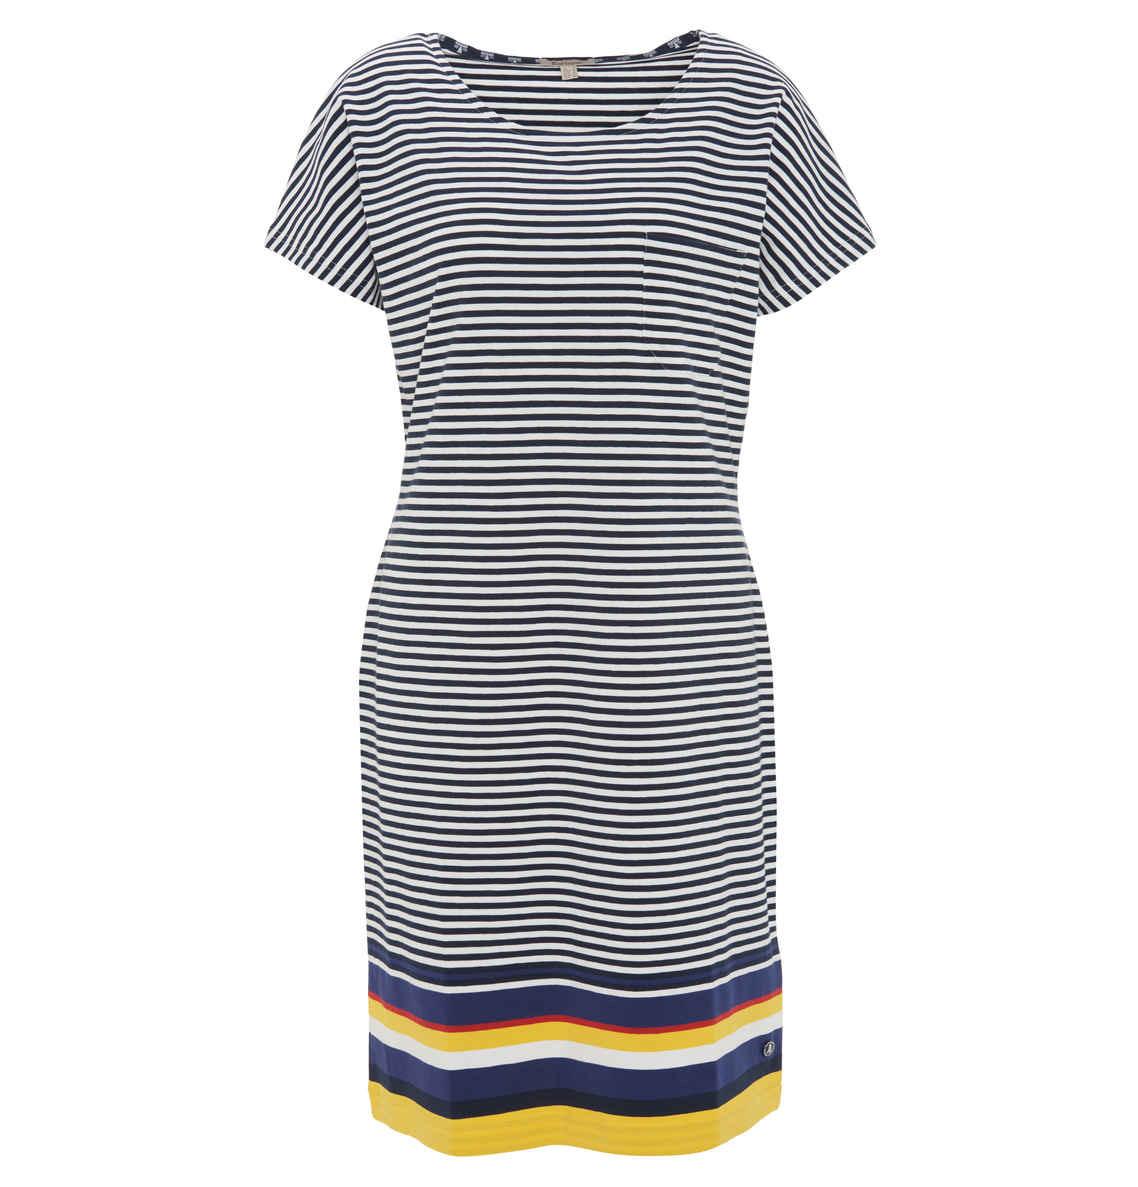 15 Leicht Kleid Gelb Blau Galerie17 Elegant Kleid Gelb Blau für 2019